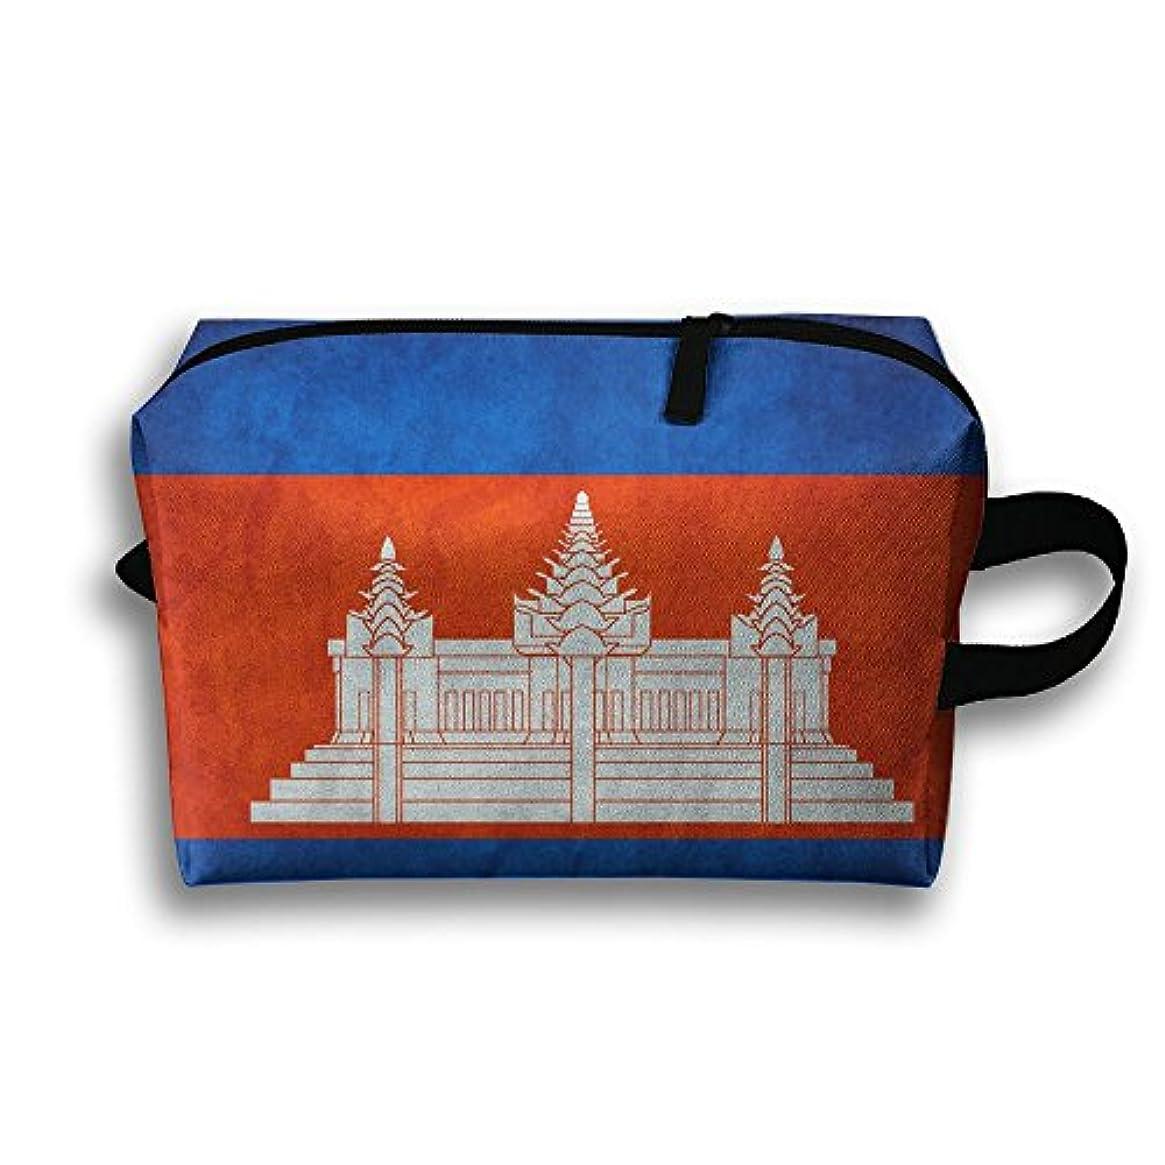 主導権ハロウィン高揚したポーチ カンボジアの国旗 旅行用化粧品バッグ スマホアクセサリー ホテル PC周辺小物整理 小物入れ 大容量 軽量 収納 White